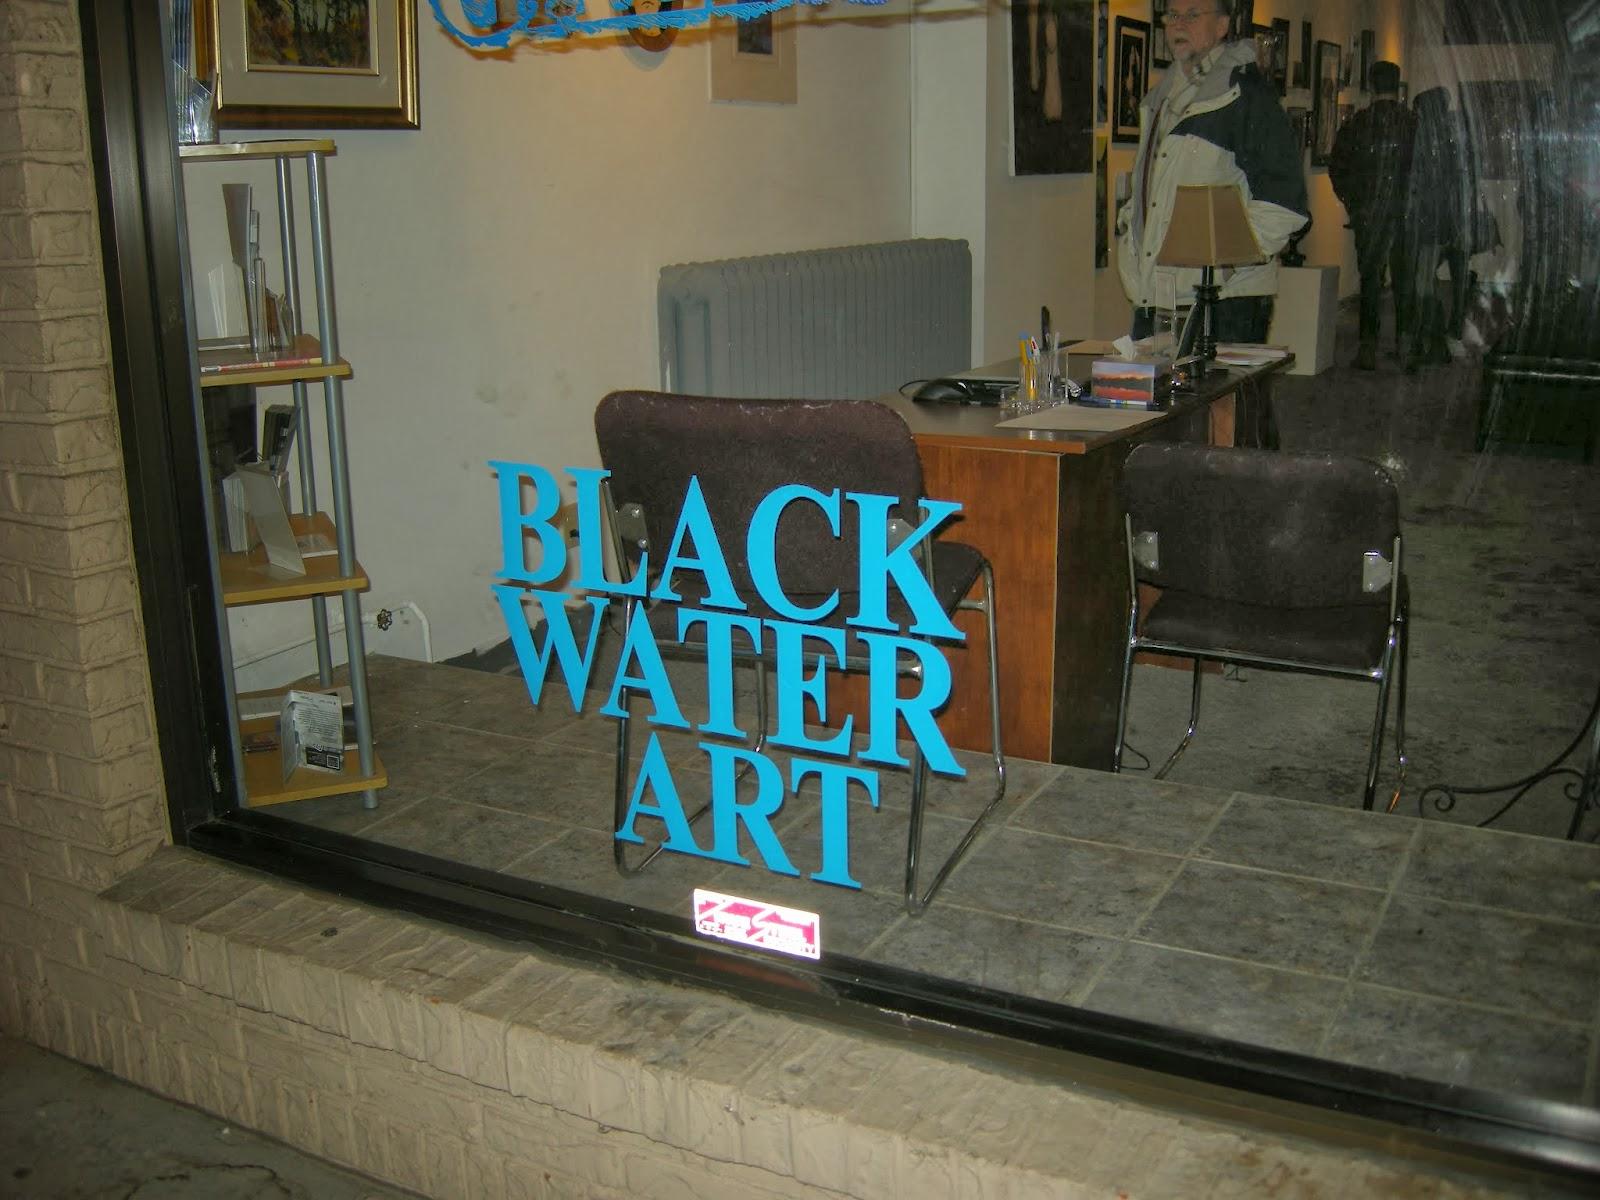 black water art, white water gallery, seeing into the soul, eye paintings, north bay, art, artist, malinda prudhomme, original artwork, original paintings, north bay art walk, toronto artist